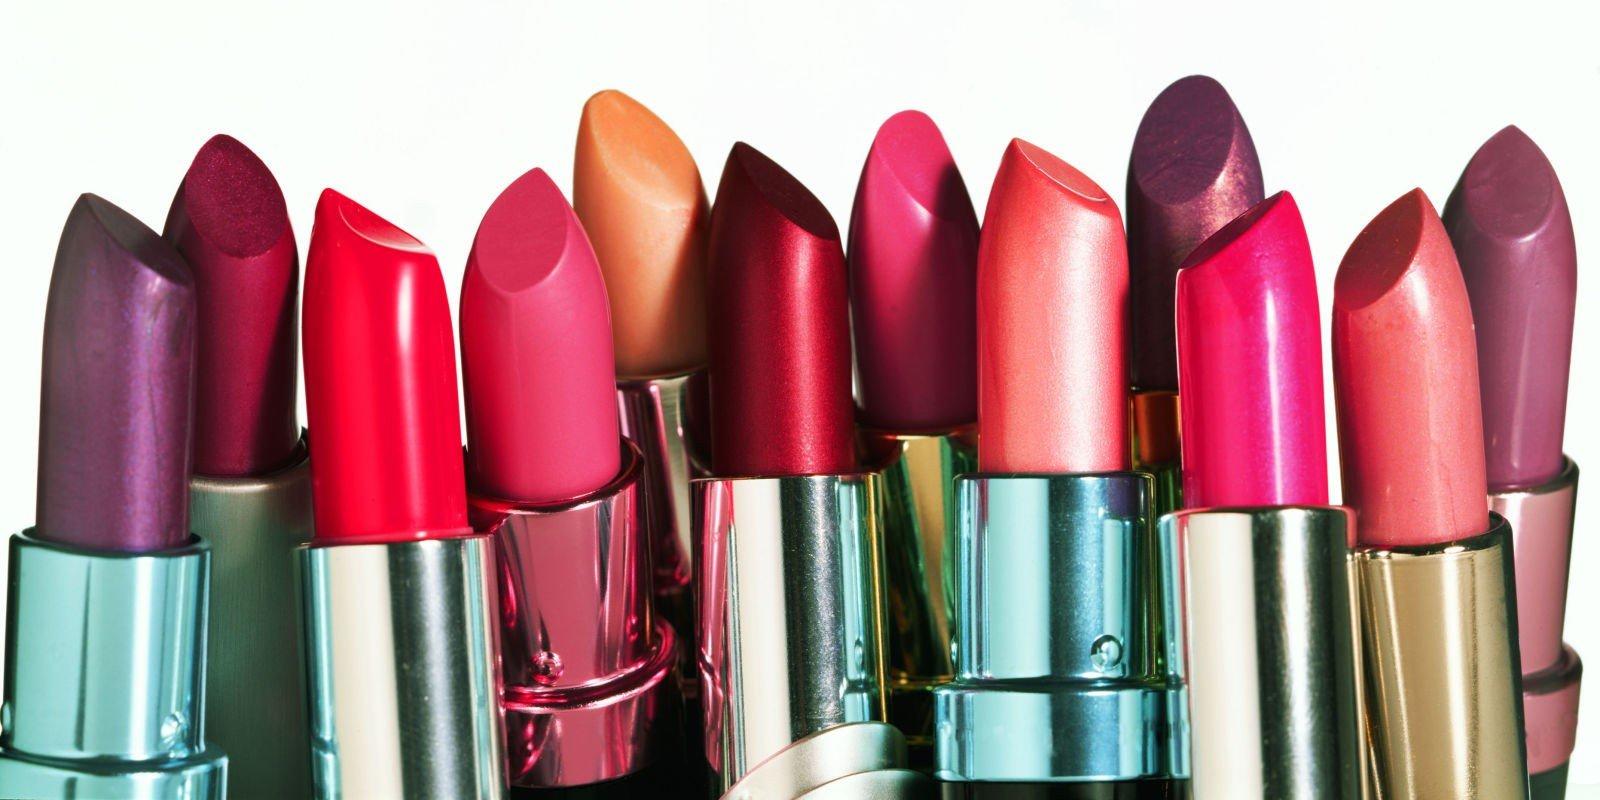 6. Phái đẹp và 4 loại mỹ phẩm đa năng luôn có trong túi